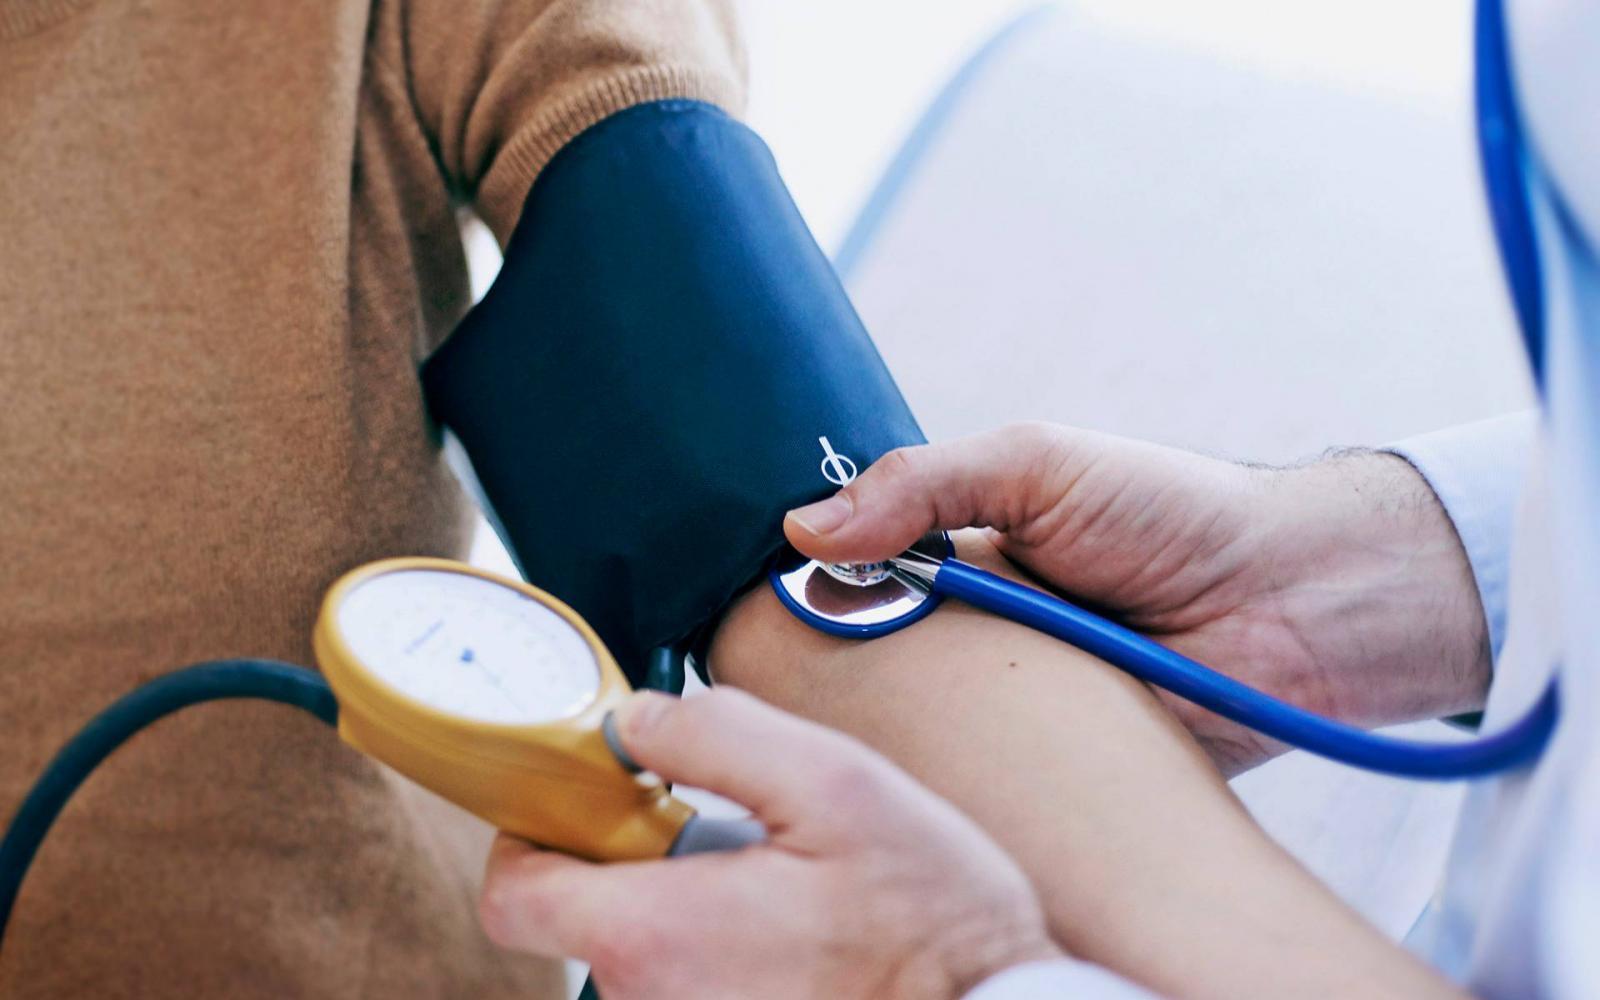 magas vérnyomás kezelése tabletták nélkül gyógyszerek magas vérnyomás kezelésére